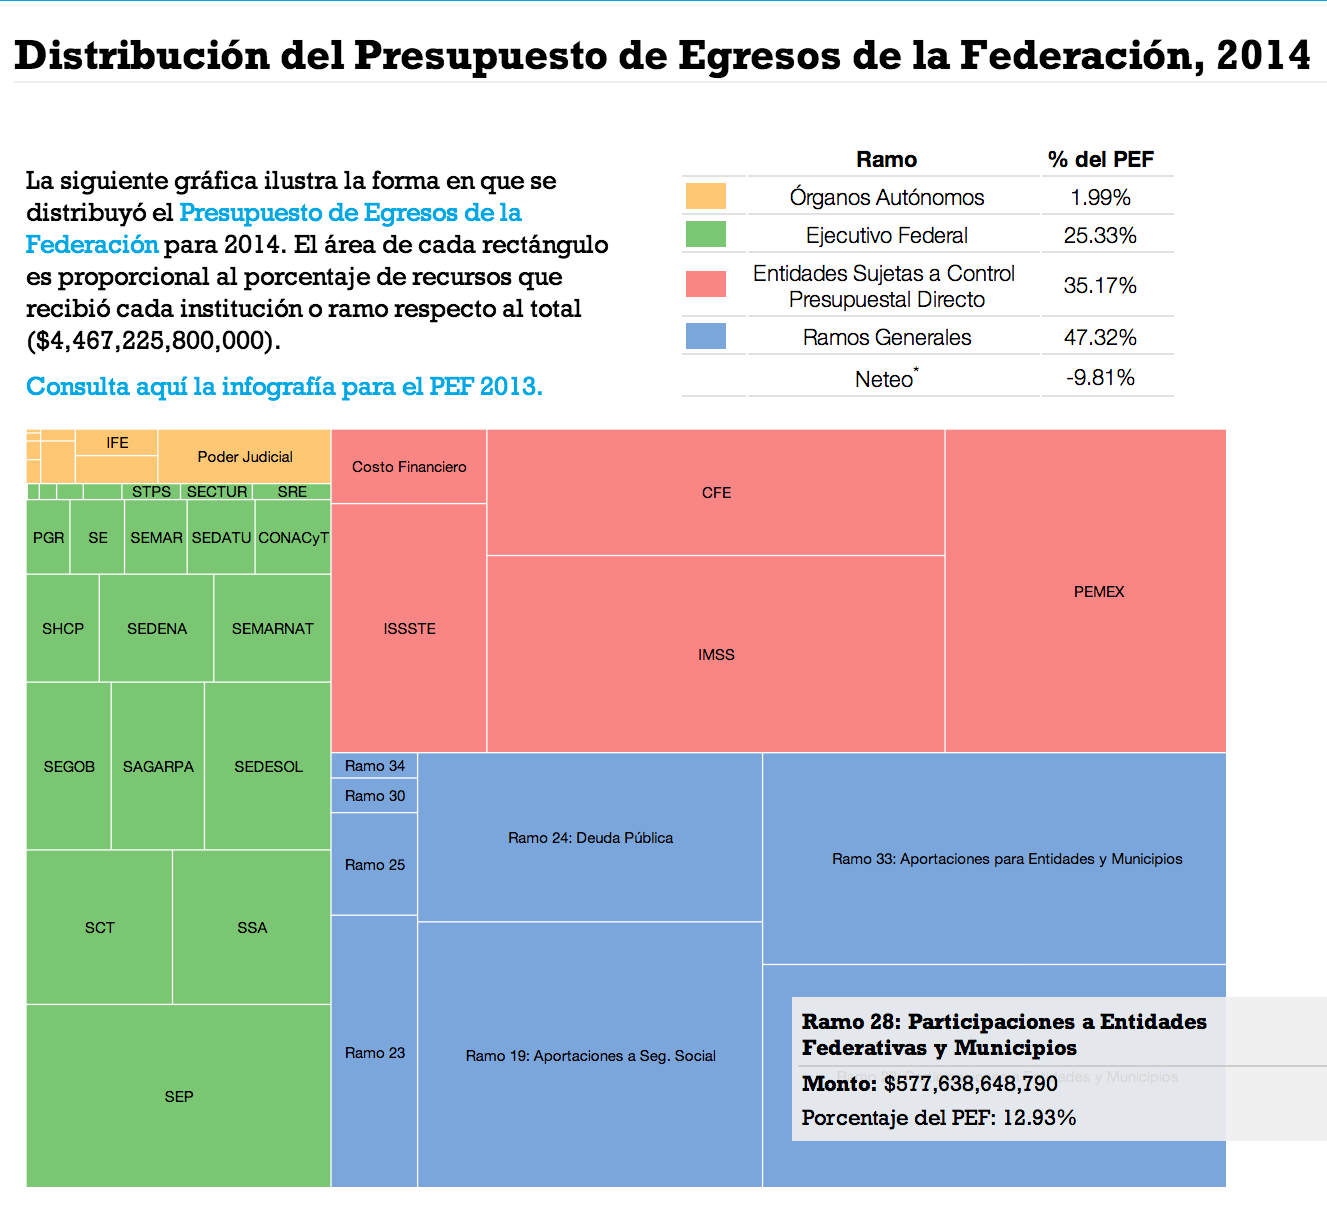 PEF2014 - Presupuesto de Egresos de la Federación 2014